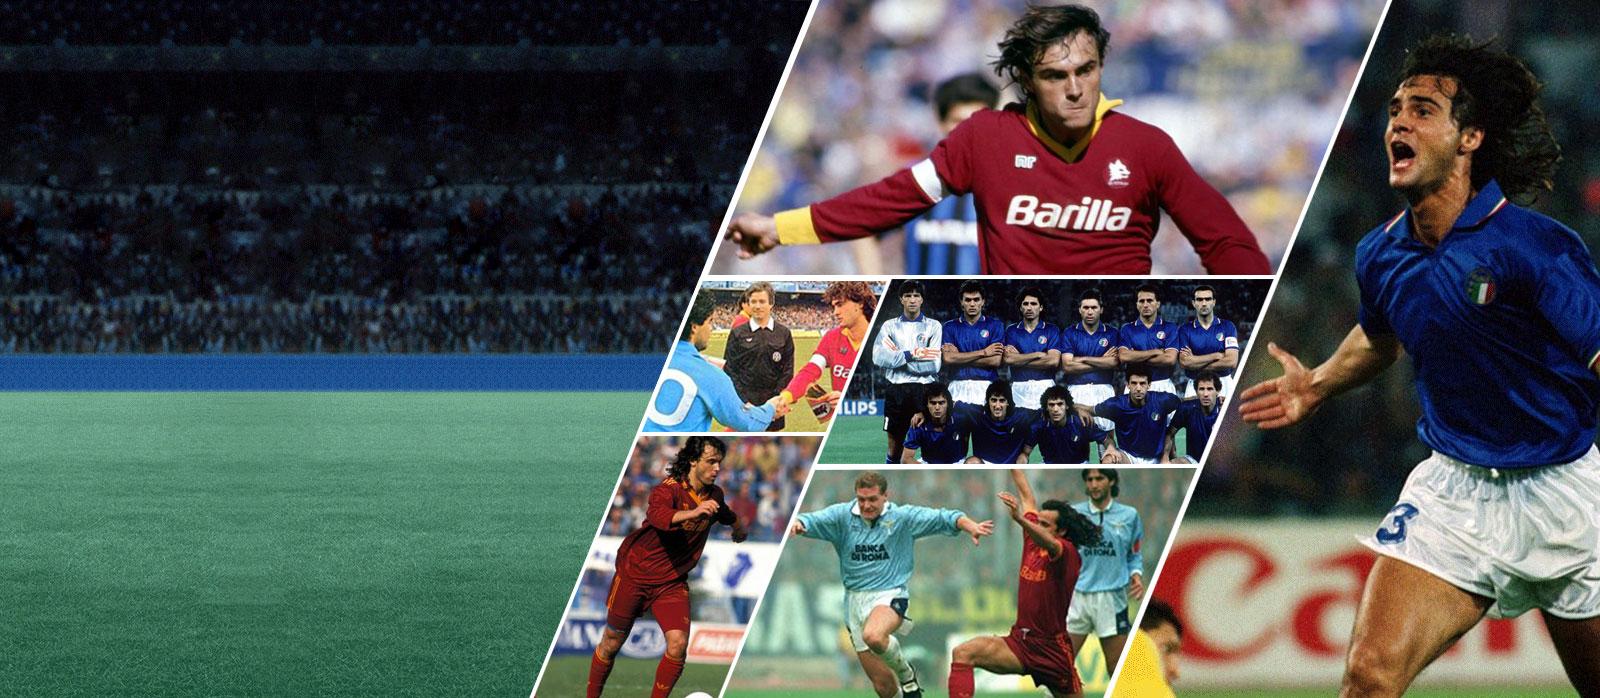 Giuseppe Giannini Football Clinic Sydney